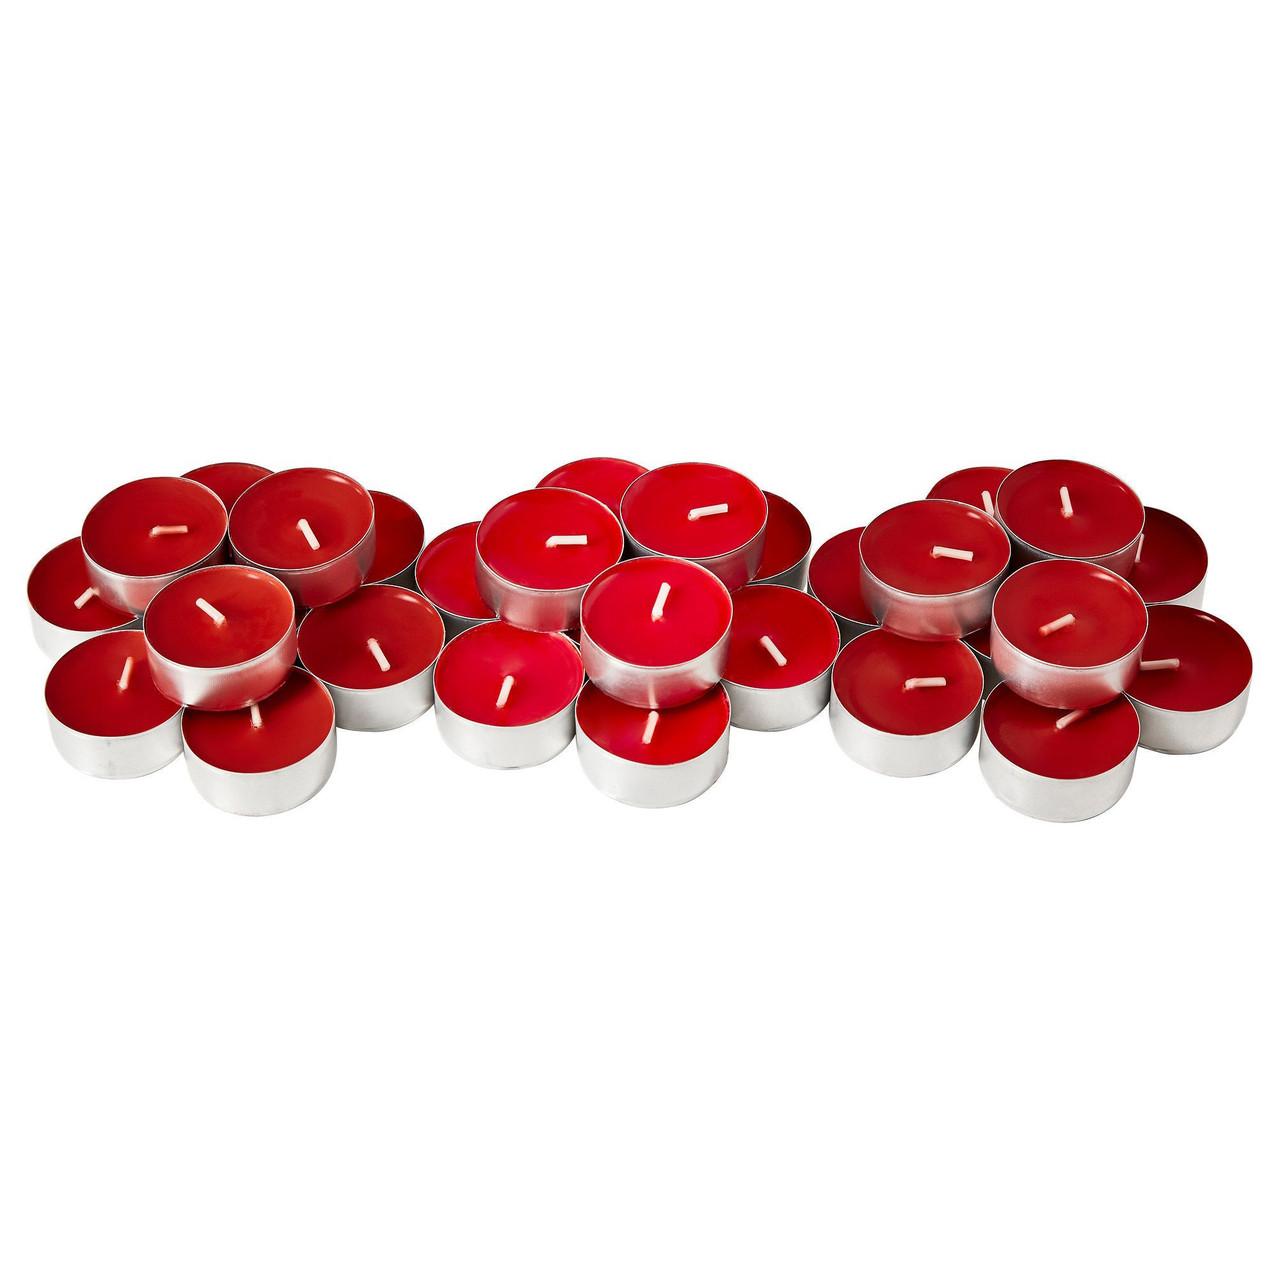 СИНЛИГ Свеча греющая ароматическая, сладкие ягоды, красный, 40236360, IKEA, ИКЕА, SINNLIG